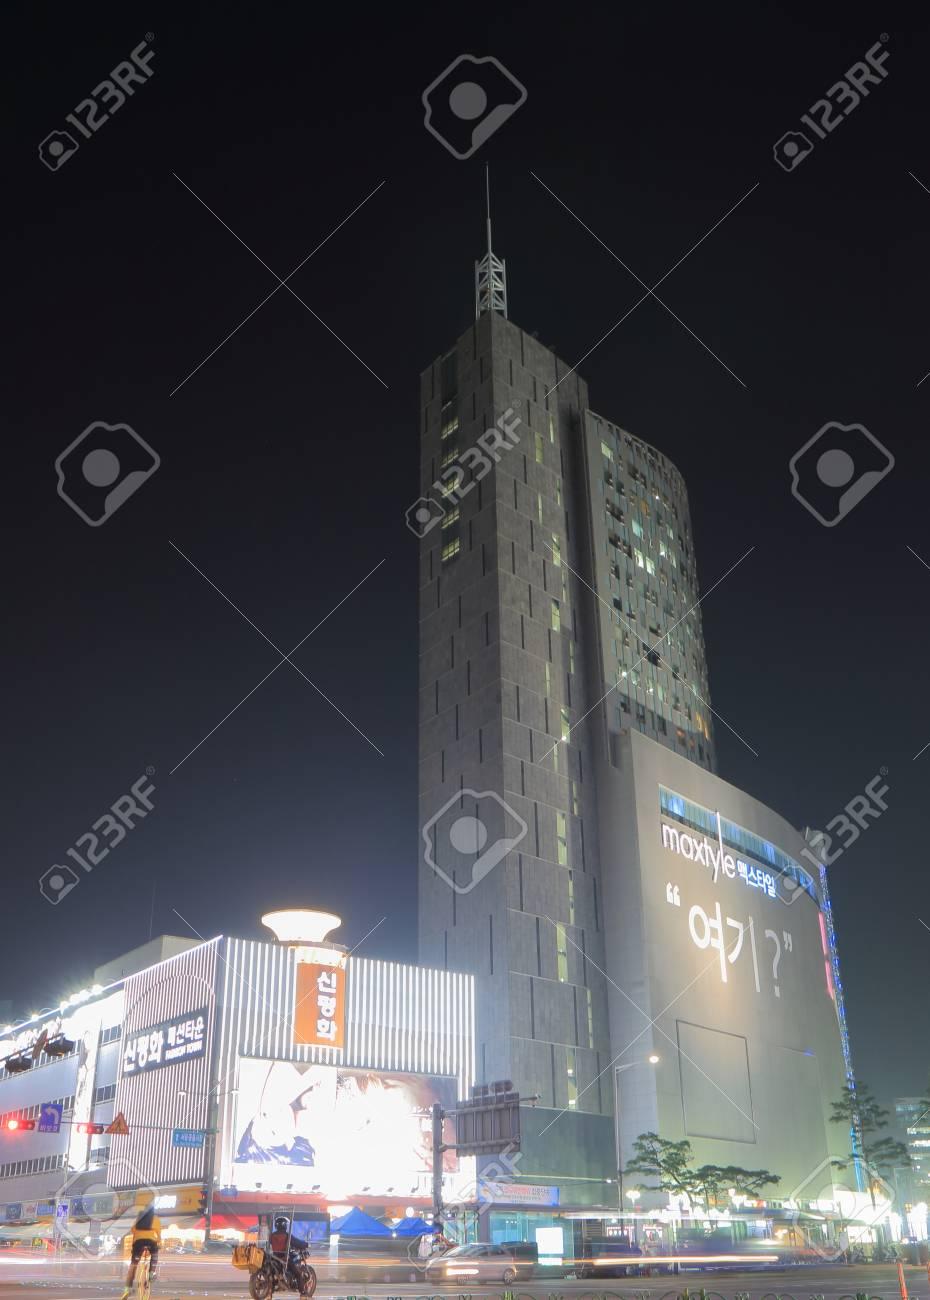 b5a74927e00 ソウル、韓国-2016 年 10 月 19 日: Maxtyle ショッピング モール。Maxtyle